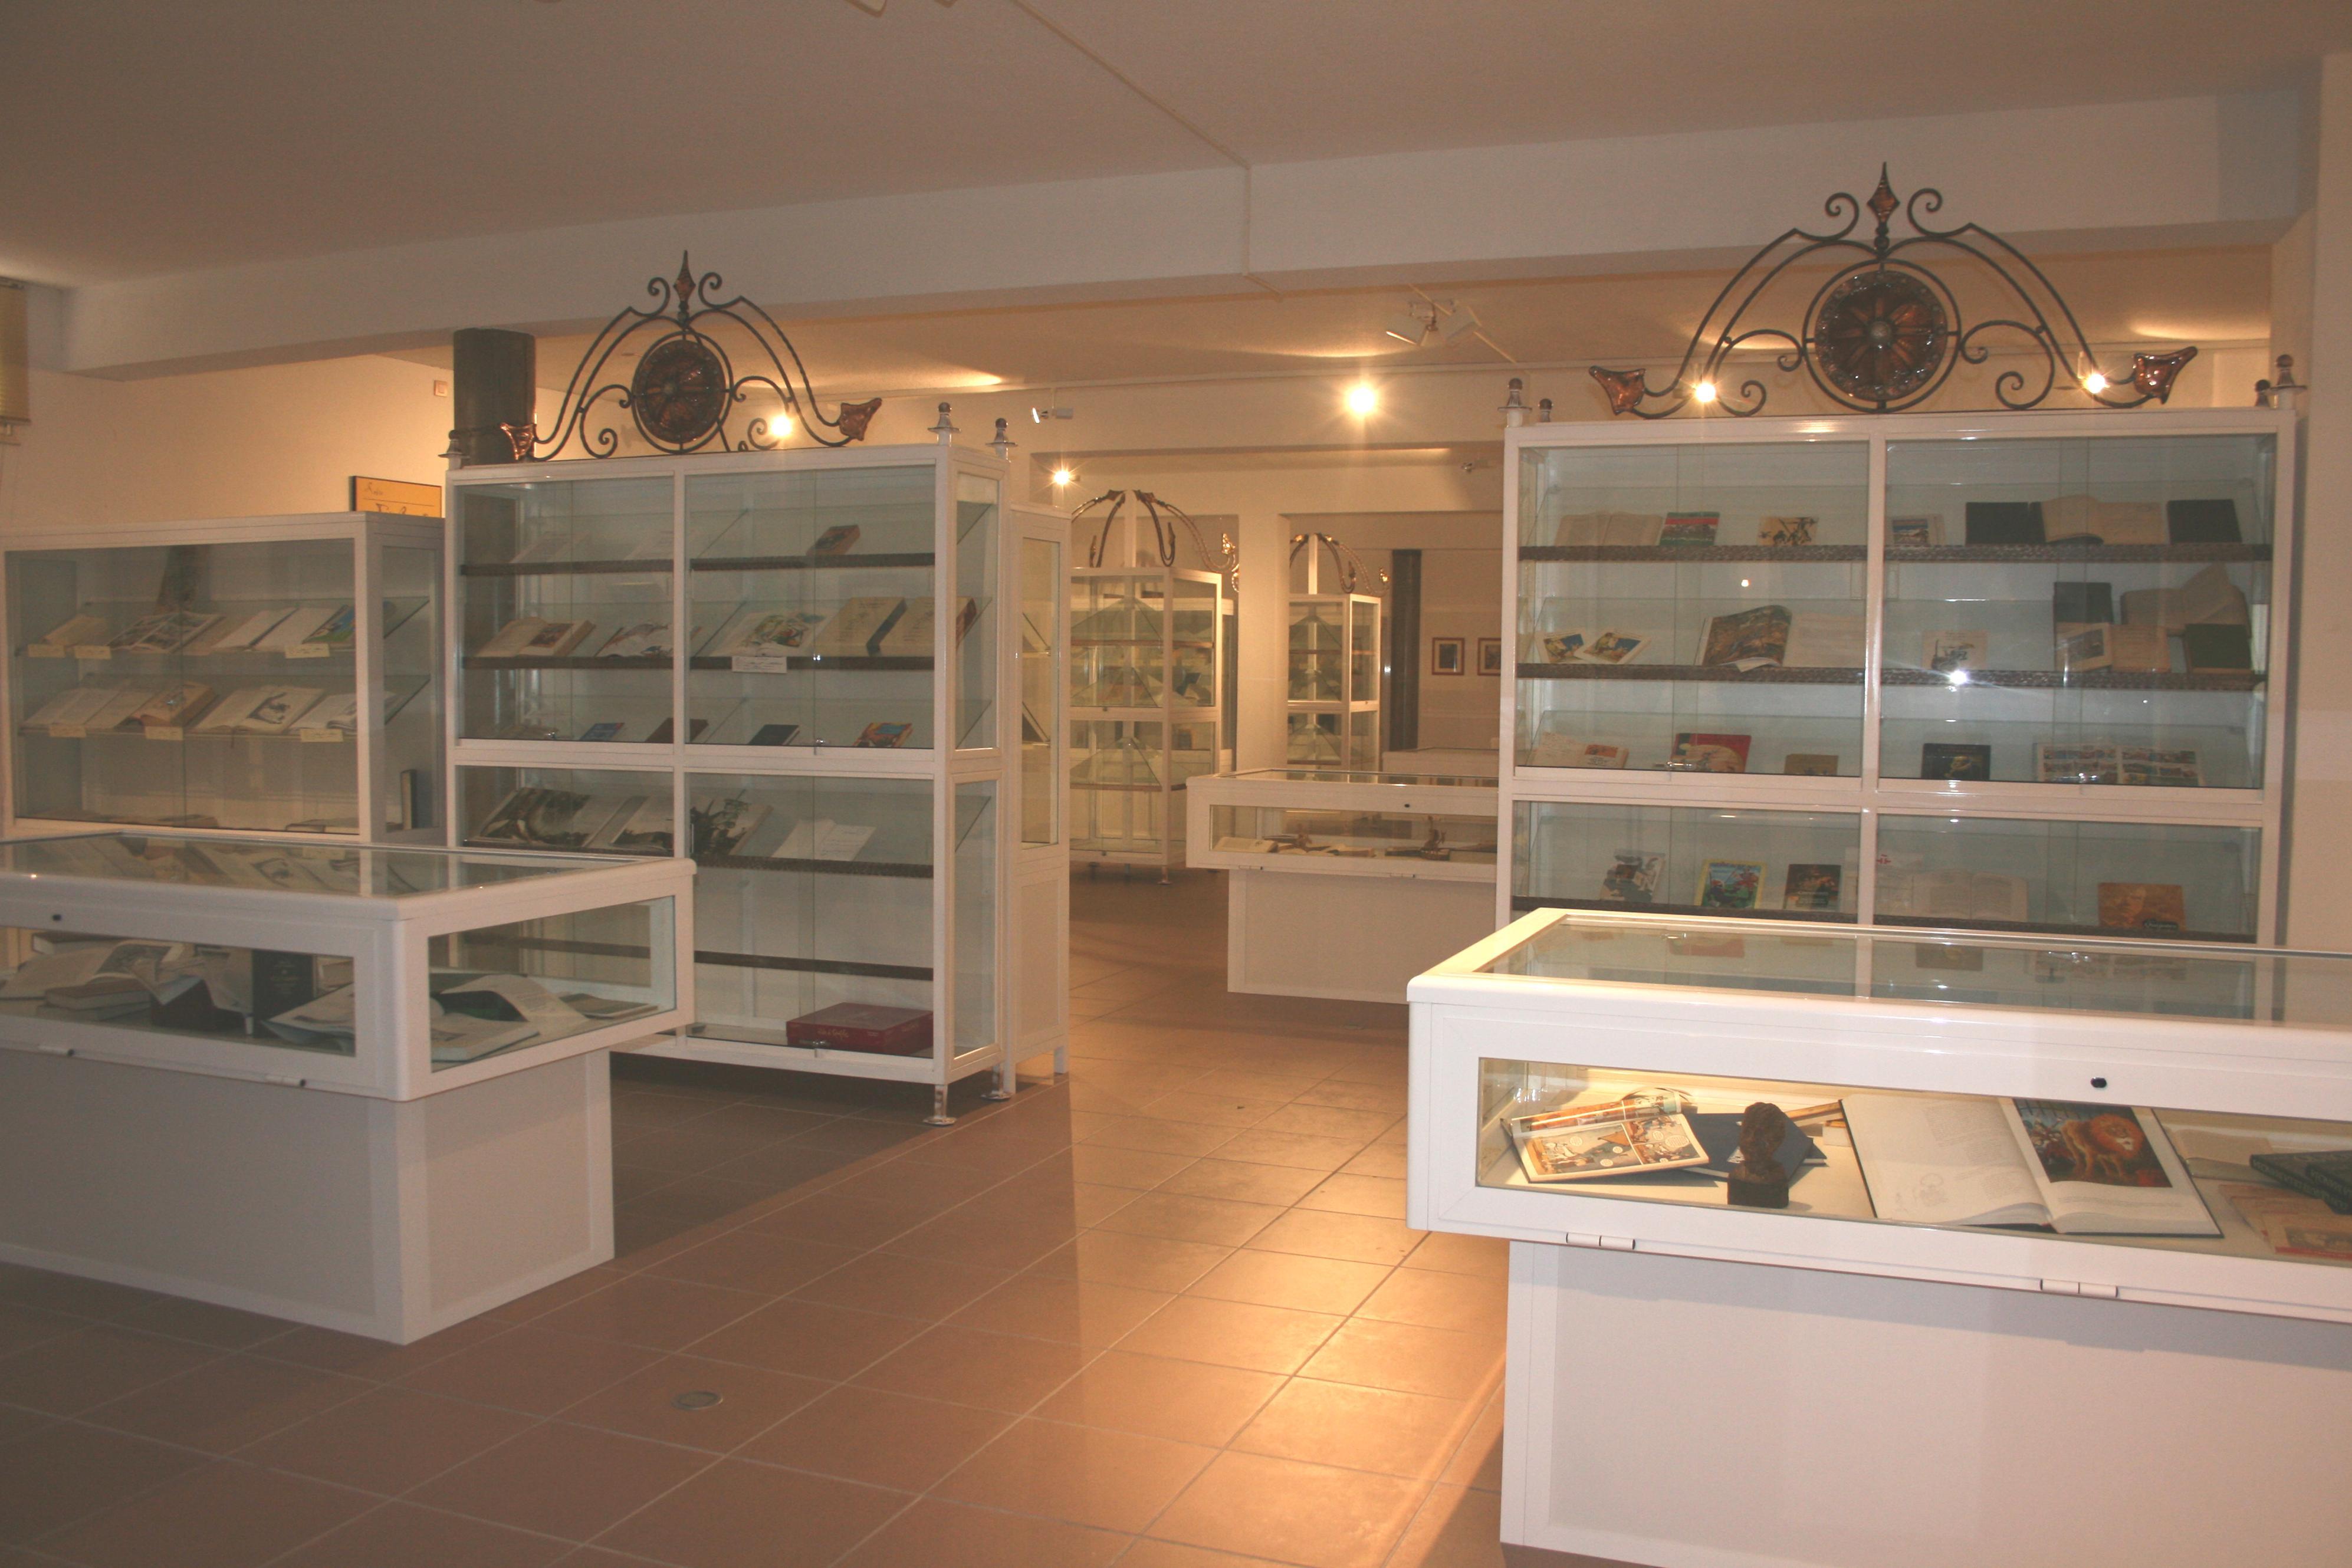 FOTO 3.- MUSEO DE EL QUIJOTE EN GÜÍMAR - INTERIOR